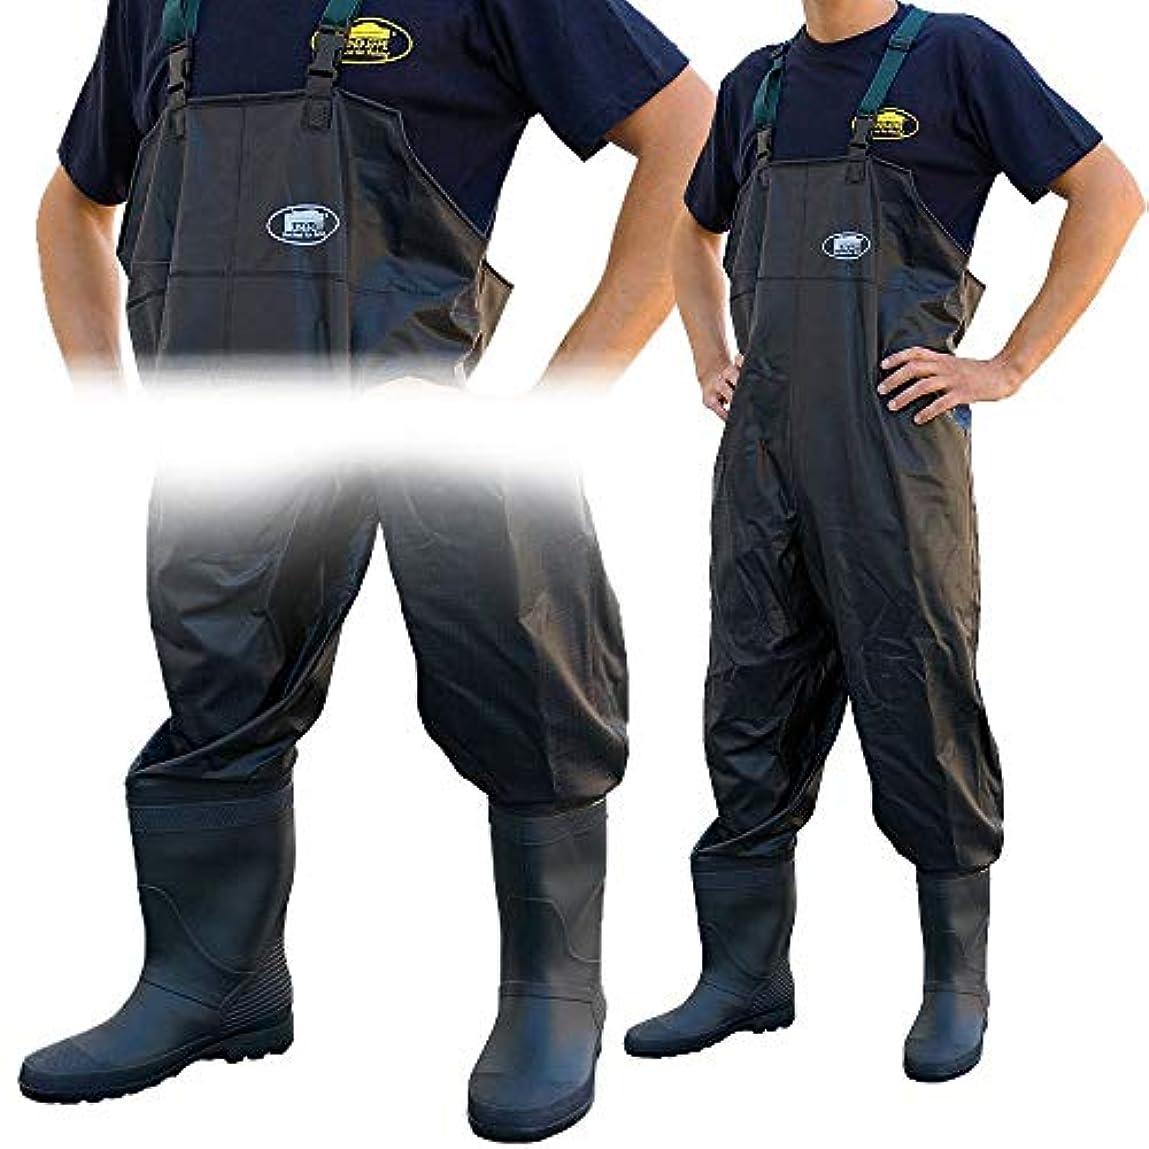 トリクルクレーン機会LineaeffeブラックAll Weather PVC防水Coarse Fishing Chest Waders/Wellies inサイズ7 8 9 10 11 & 12